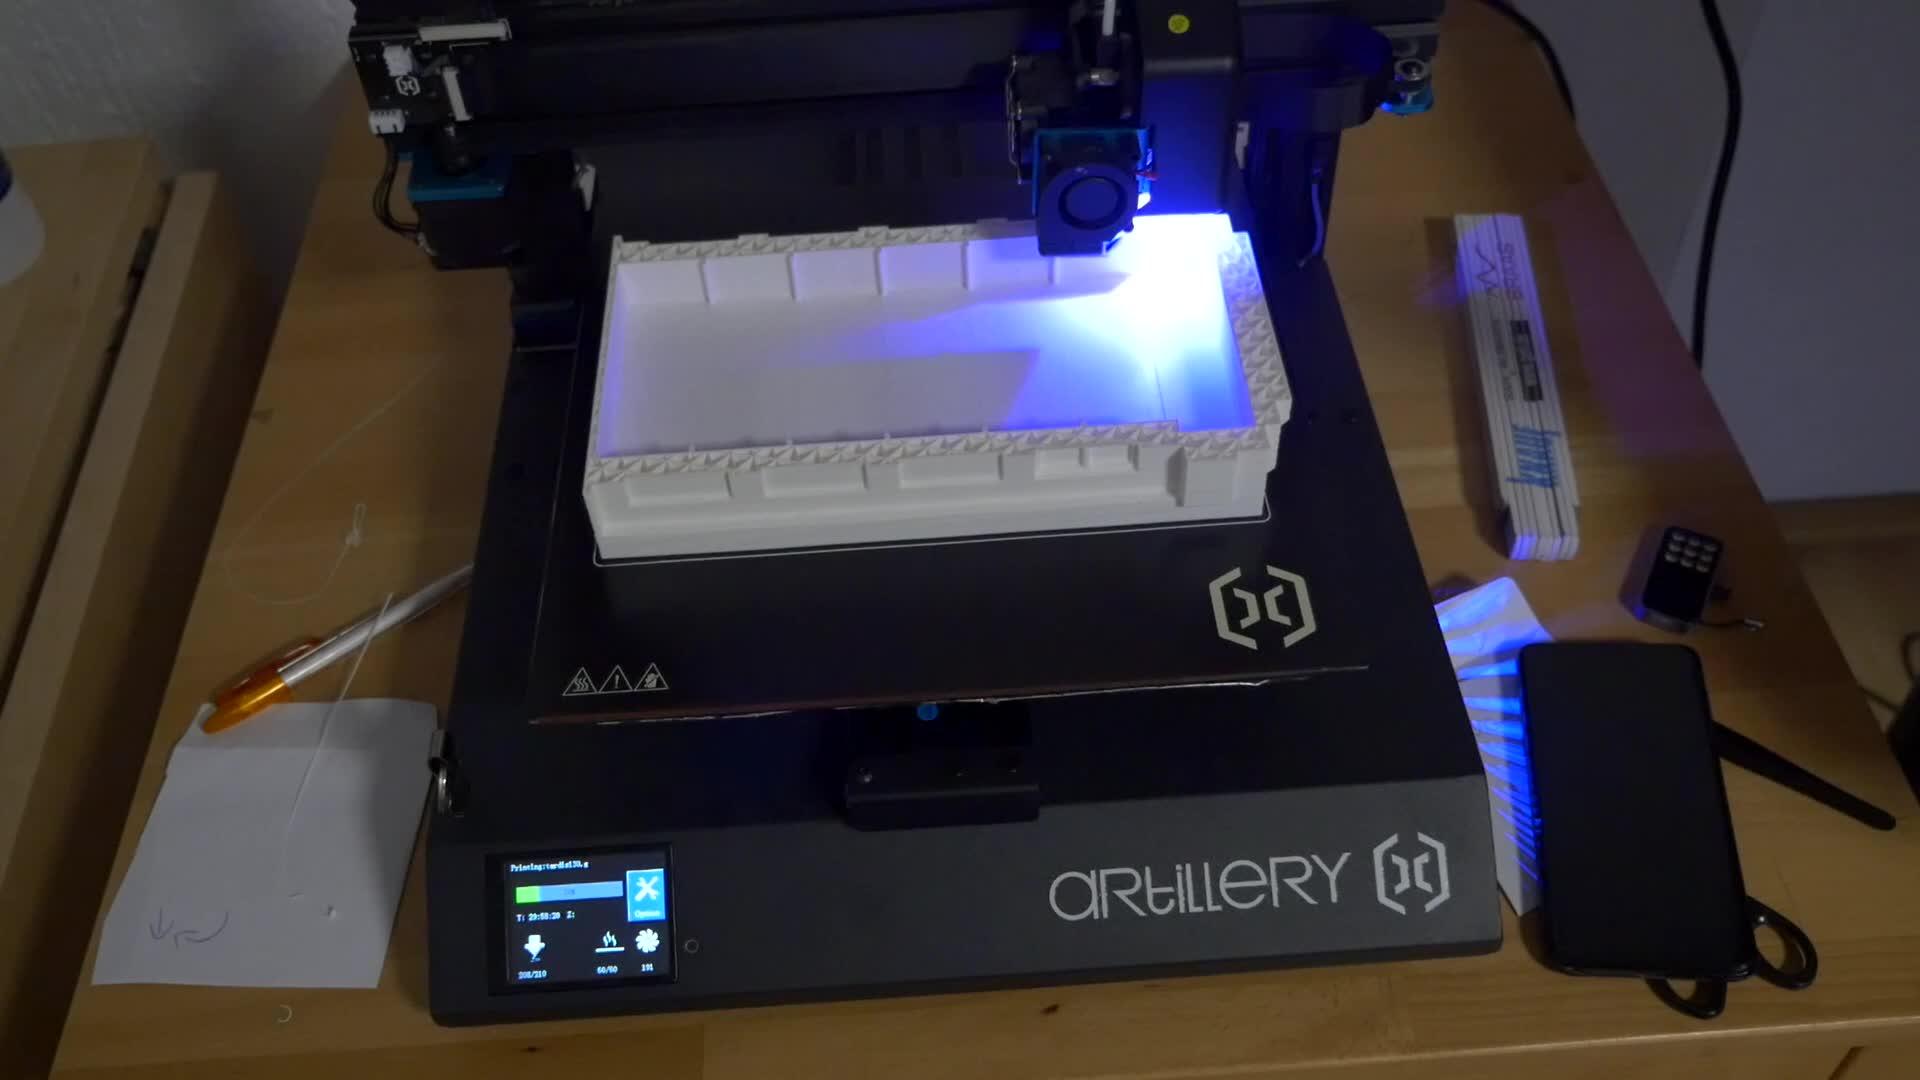 Test, Produktion, 3D-Drucker, Timm Mohn, Artillery, Sidewinder X1